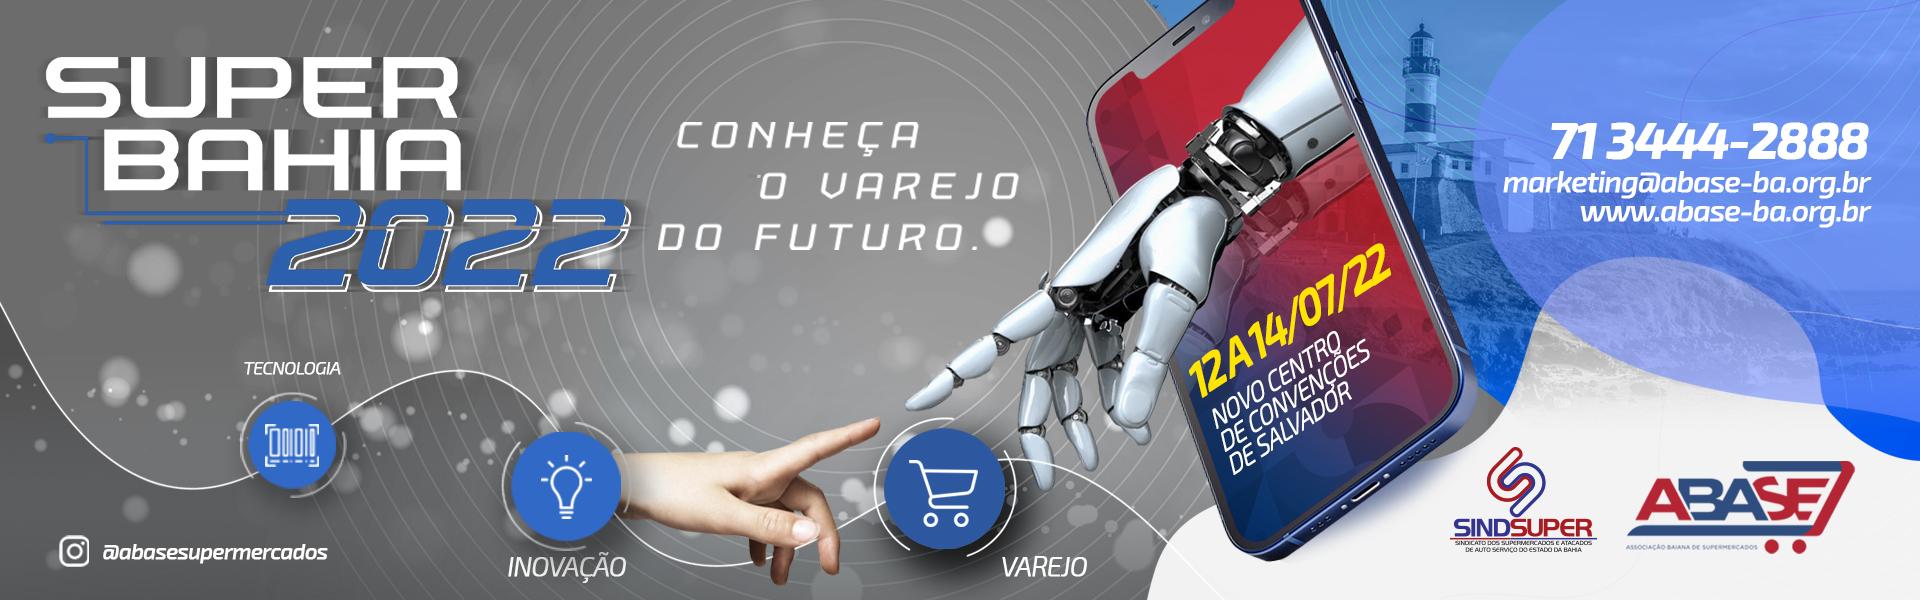 Super Bahia 2021